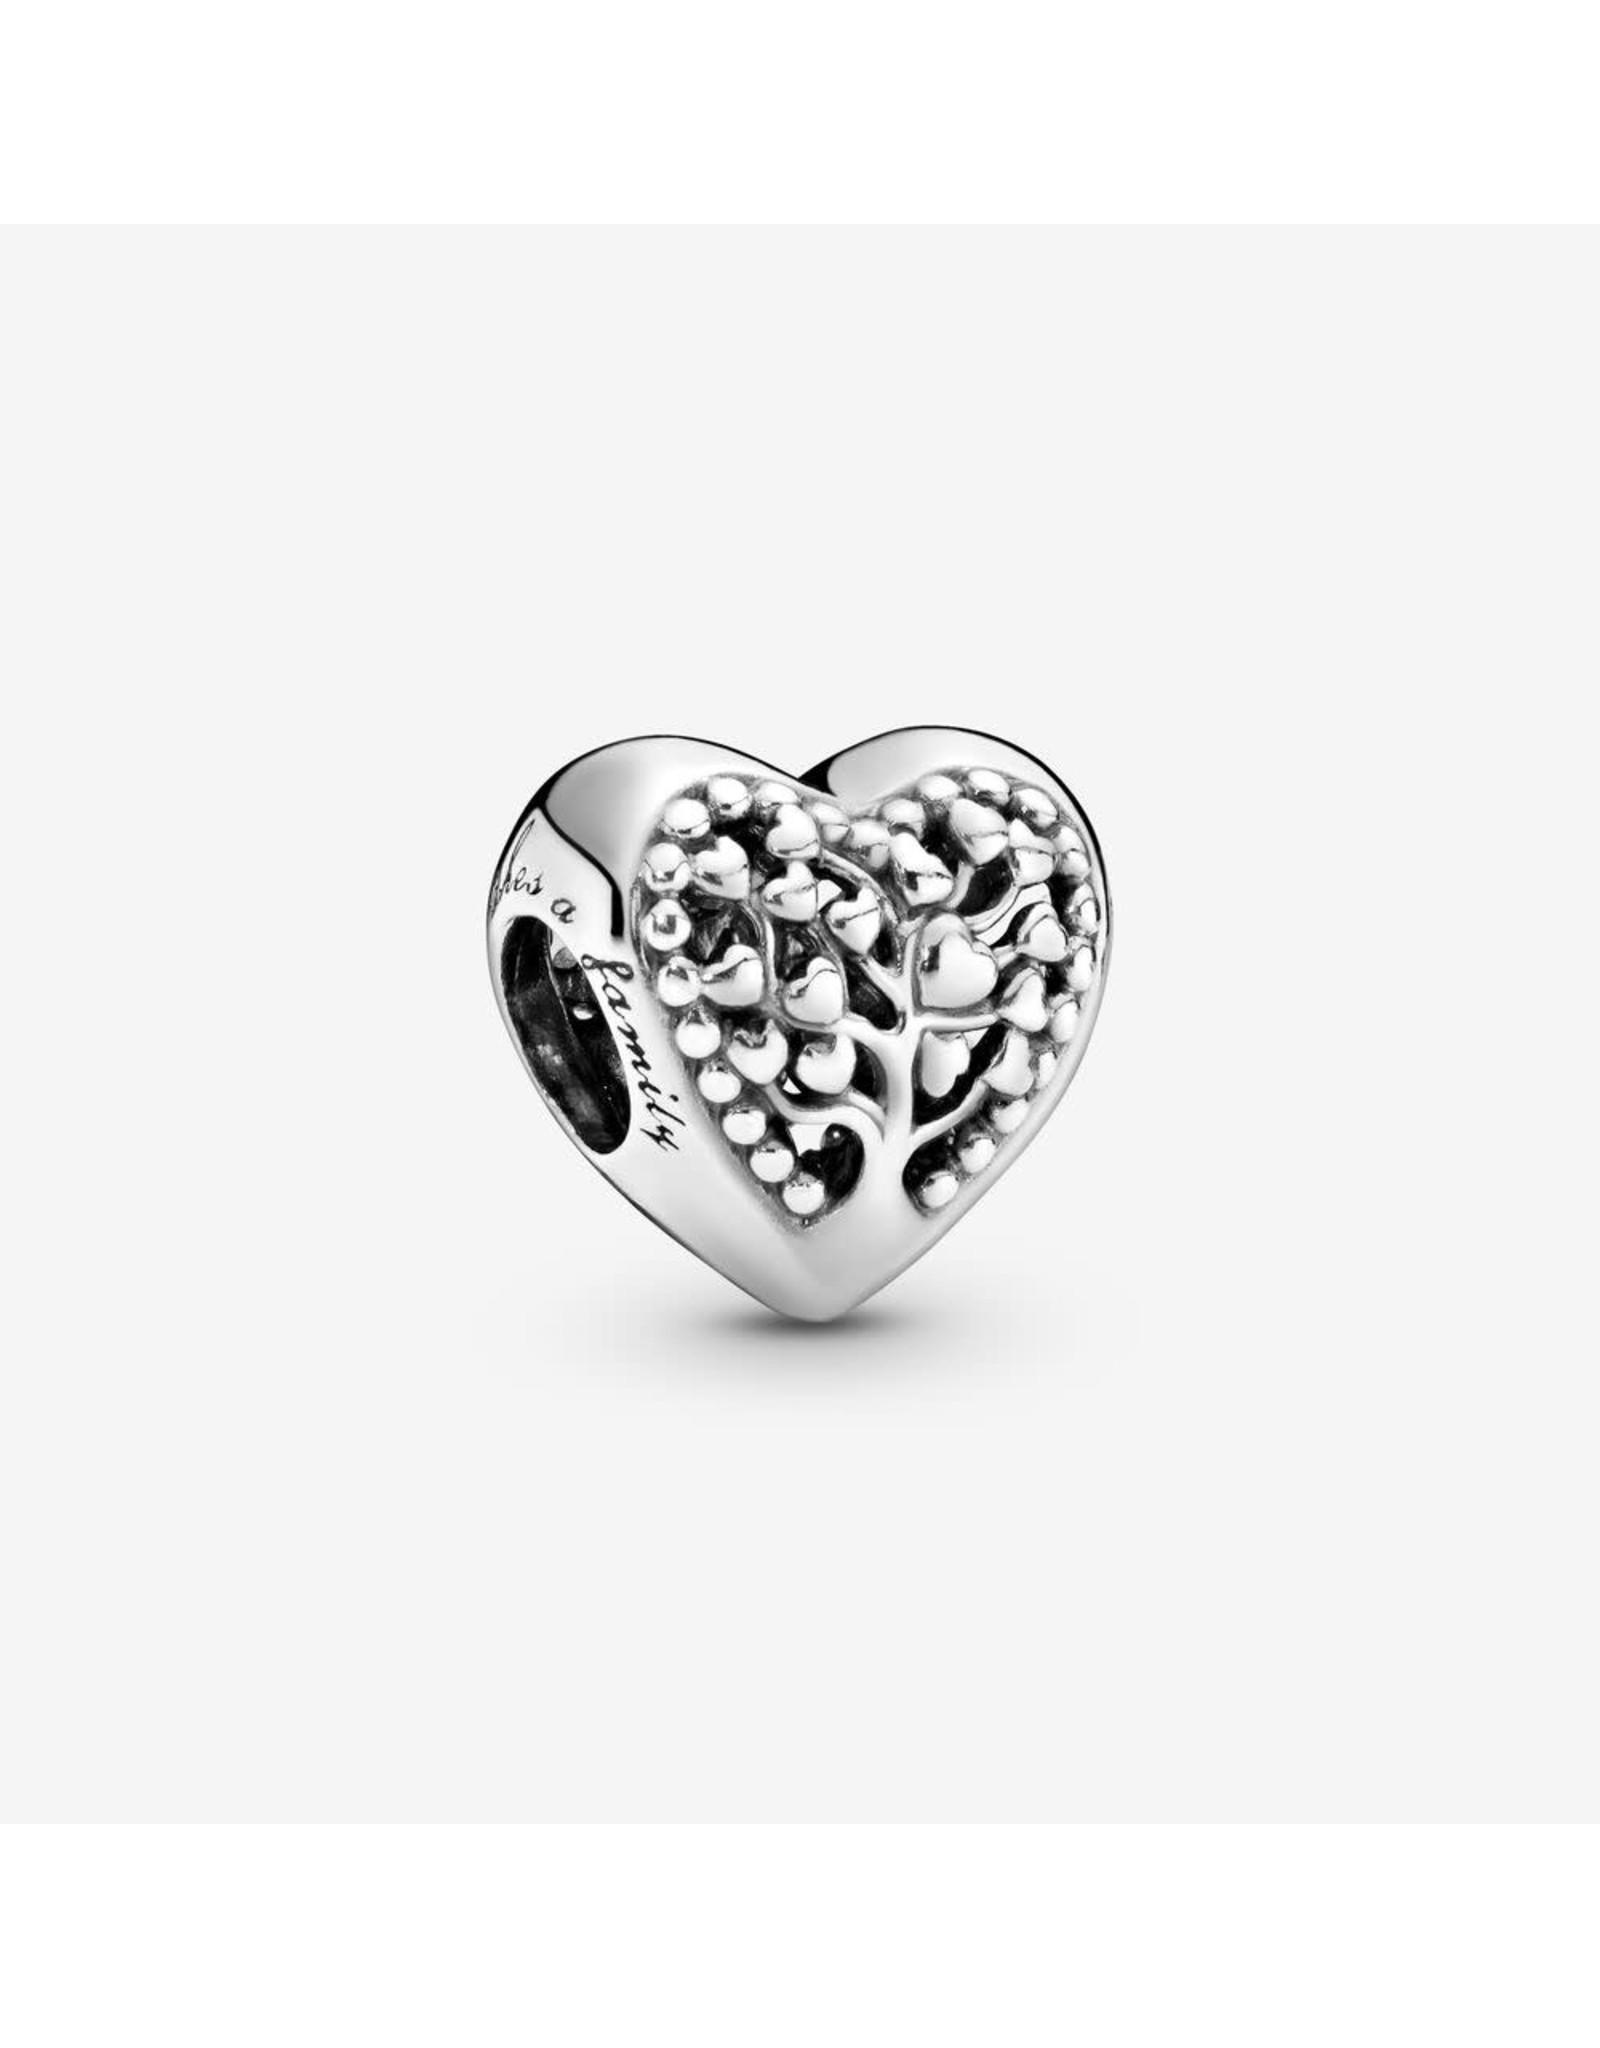 Pandora Pandora Charm,797058, Flourishing Hearts Tree Of Love Heart